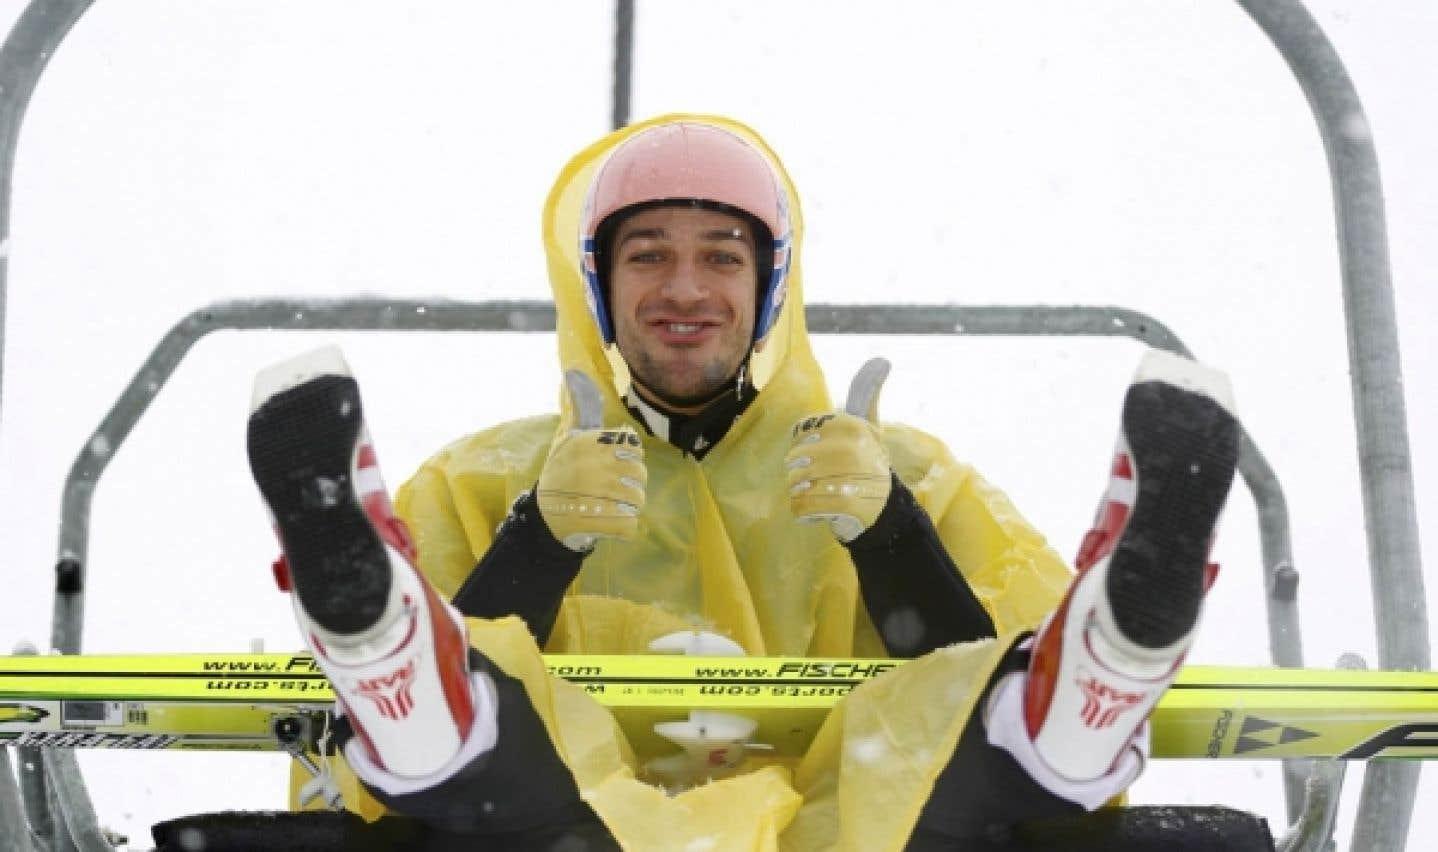 Jeux olympiques d'hiver de Vancouver - Les skieurs pourront compétitionner demain si dame nature collabore